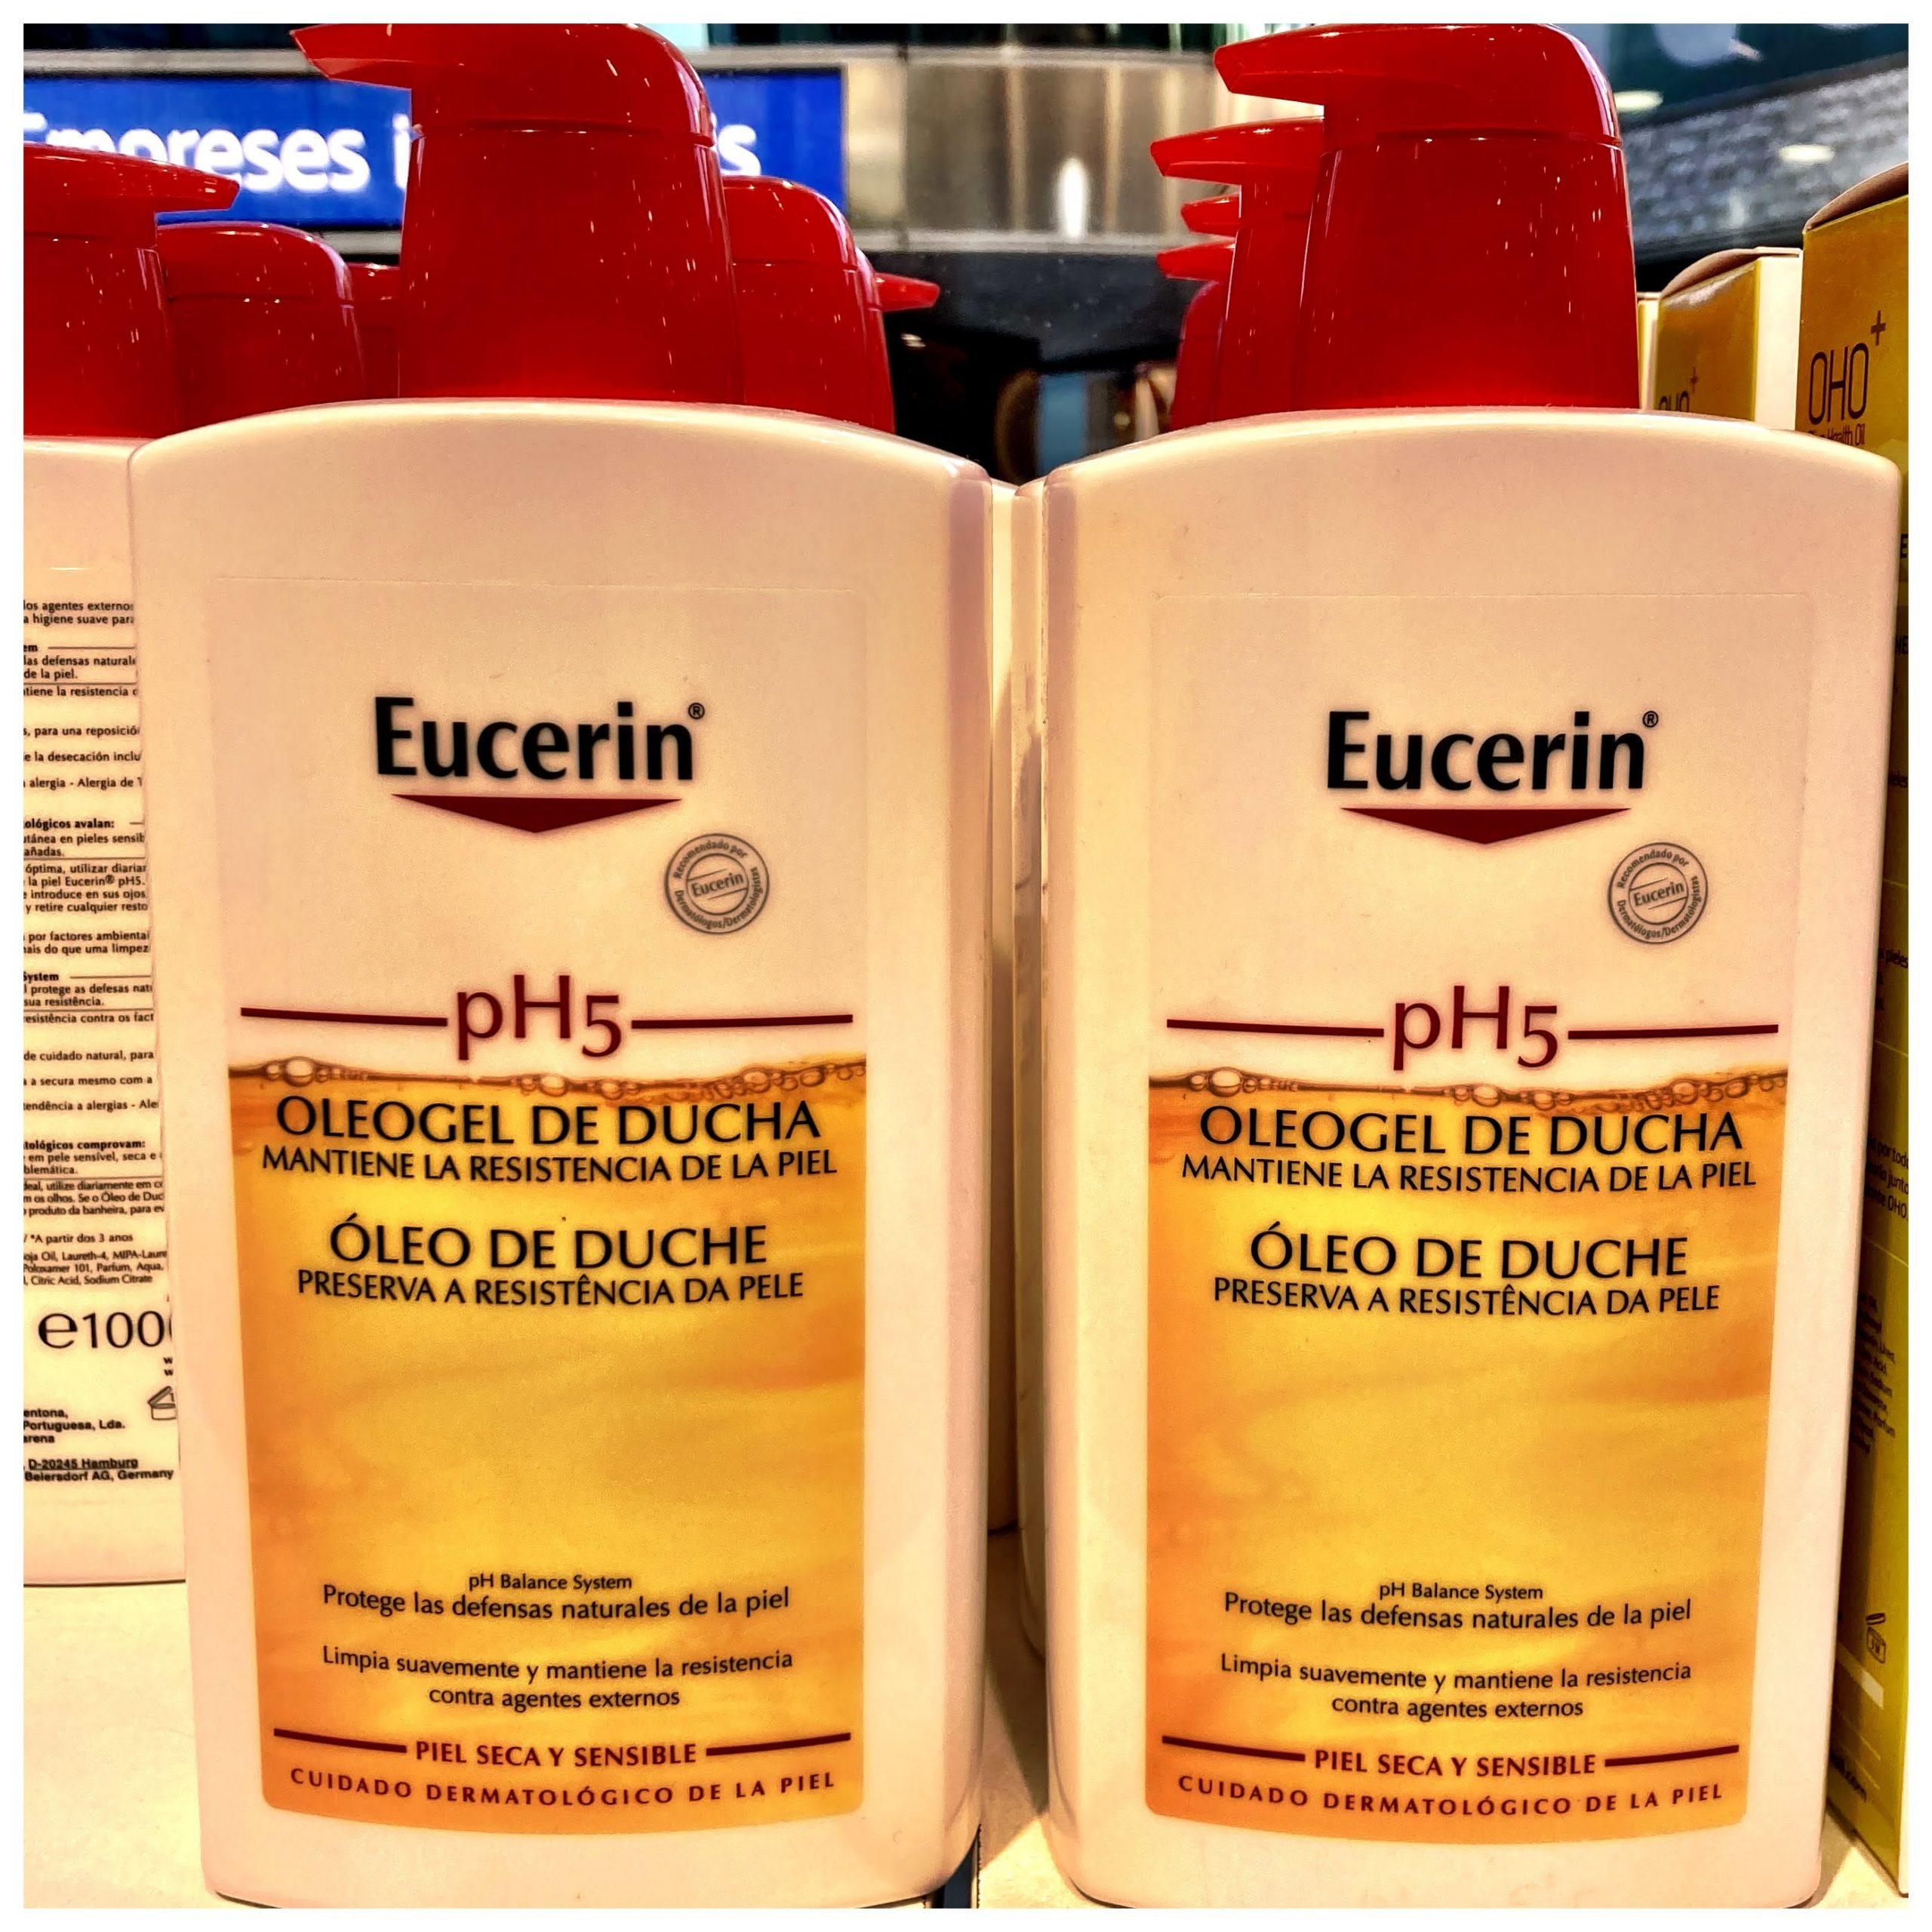 Eucerin pH5 Oleogel de ducha Regenera la protección natural de la pielUn agente limpiador diario de rica composición que preserva las defensas naturales de la piel y la protege frente a la deshidratación.